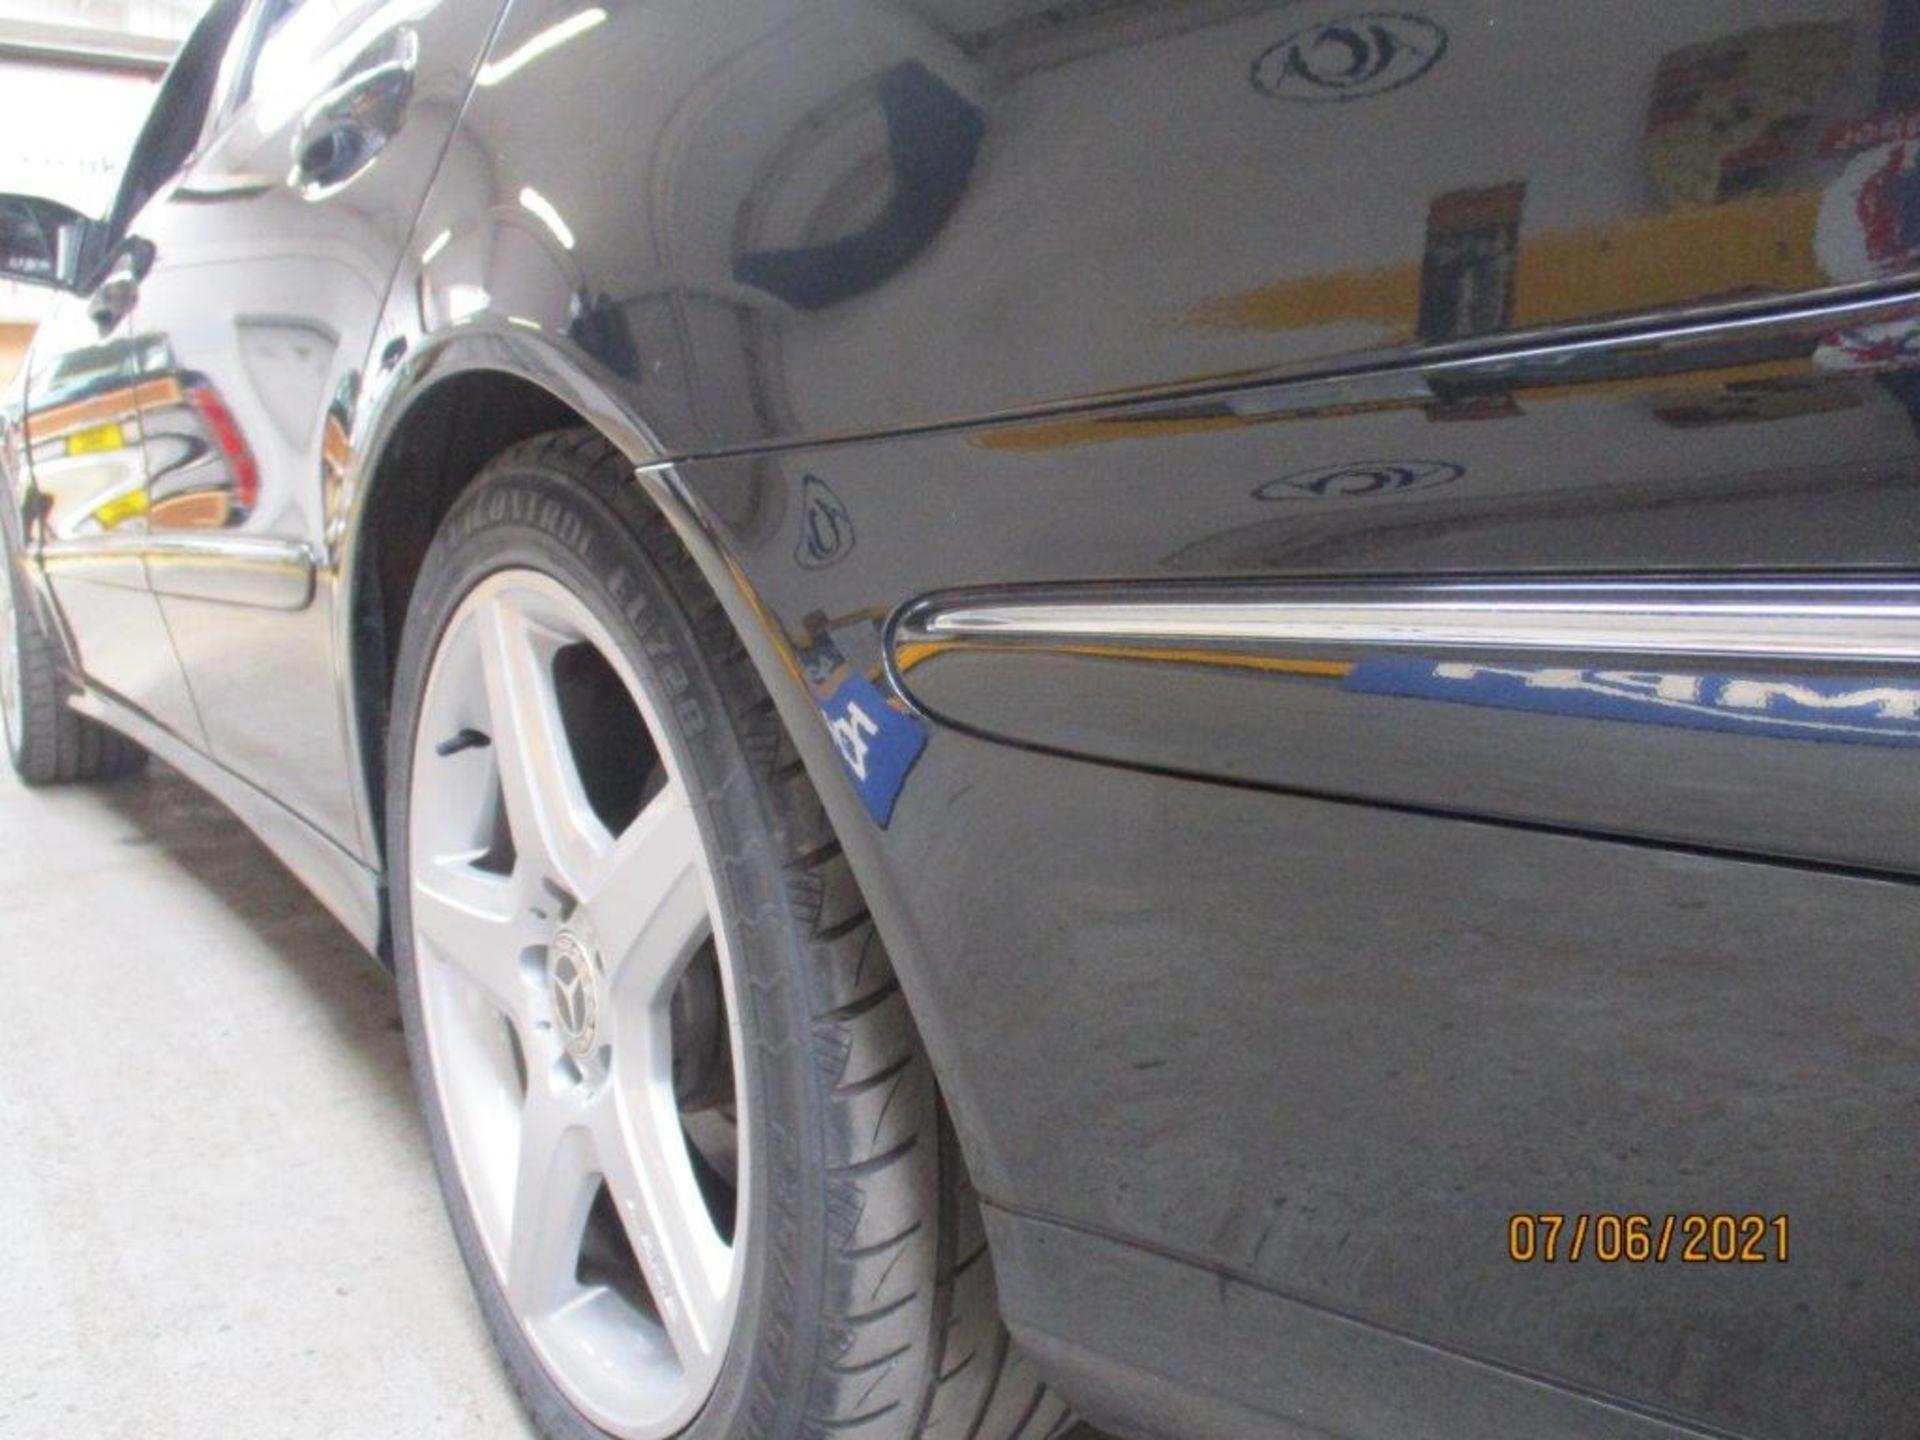 55 05 Mercedes E320 CDI Avantagarde - Image 11 of 19